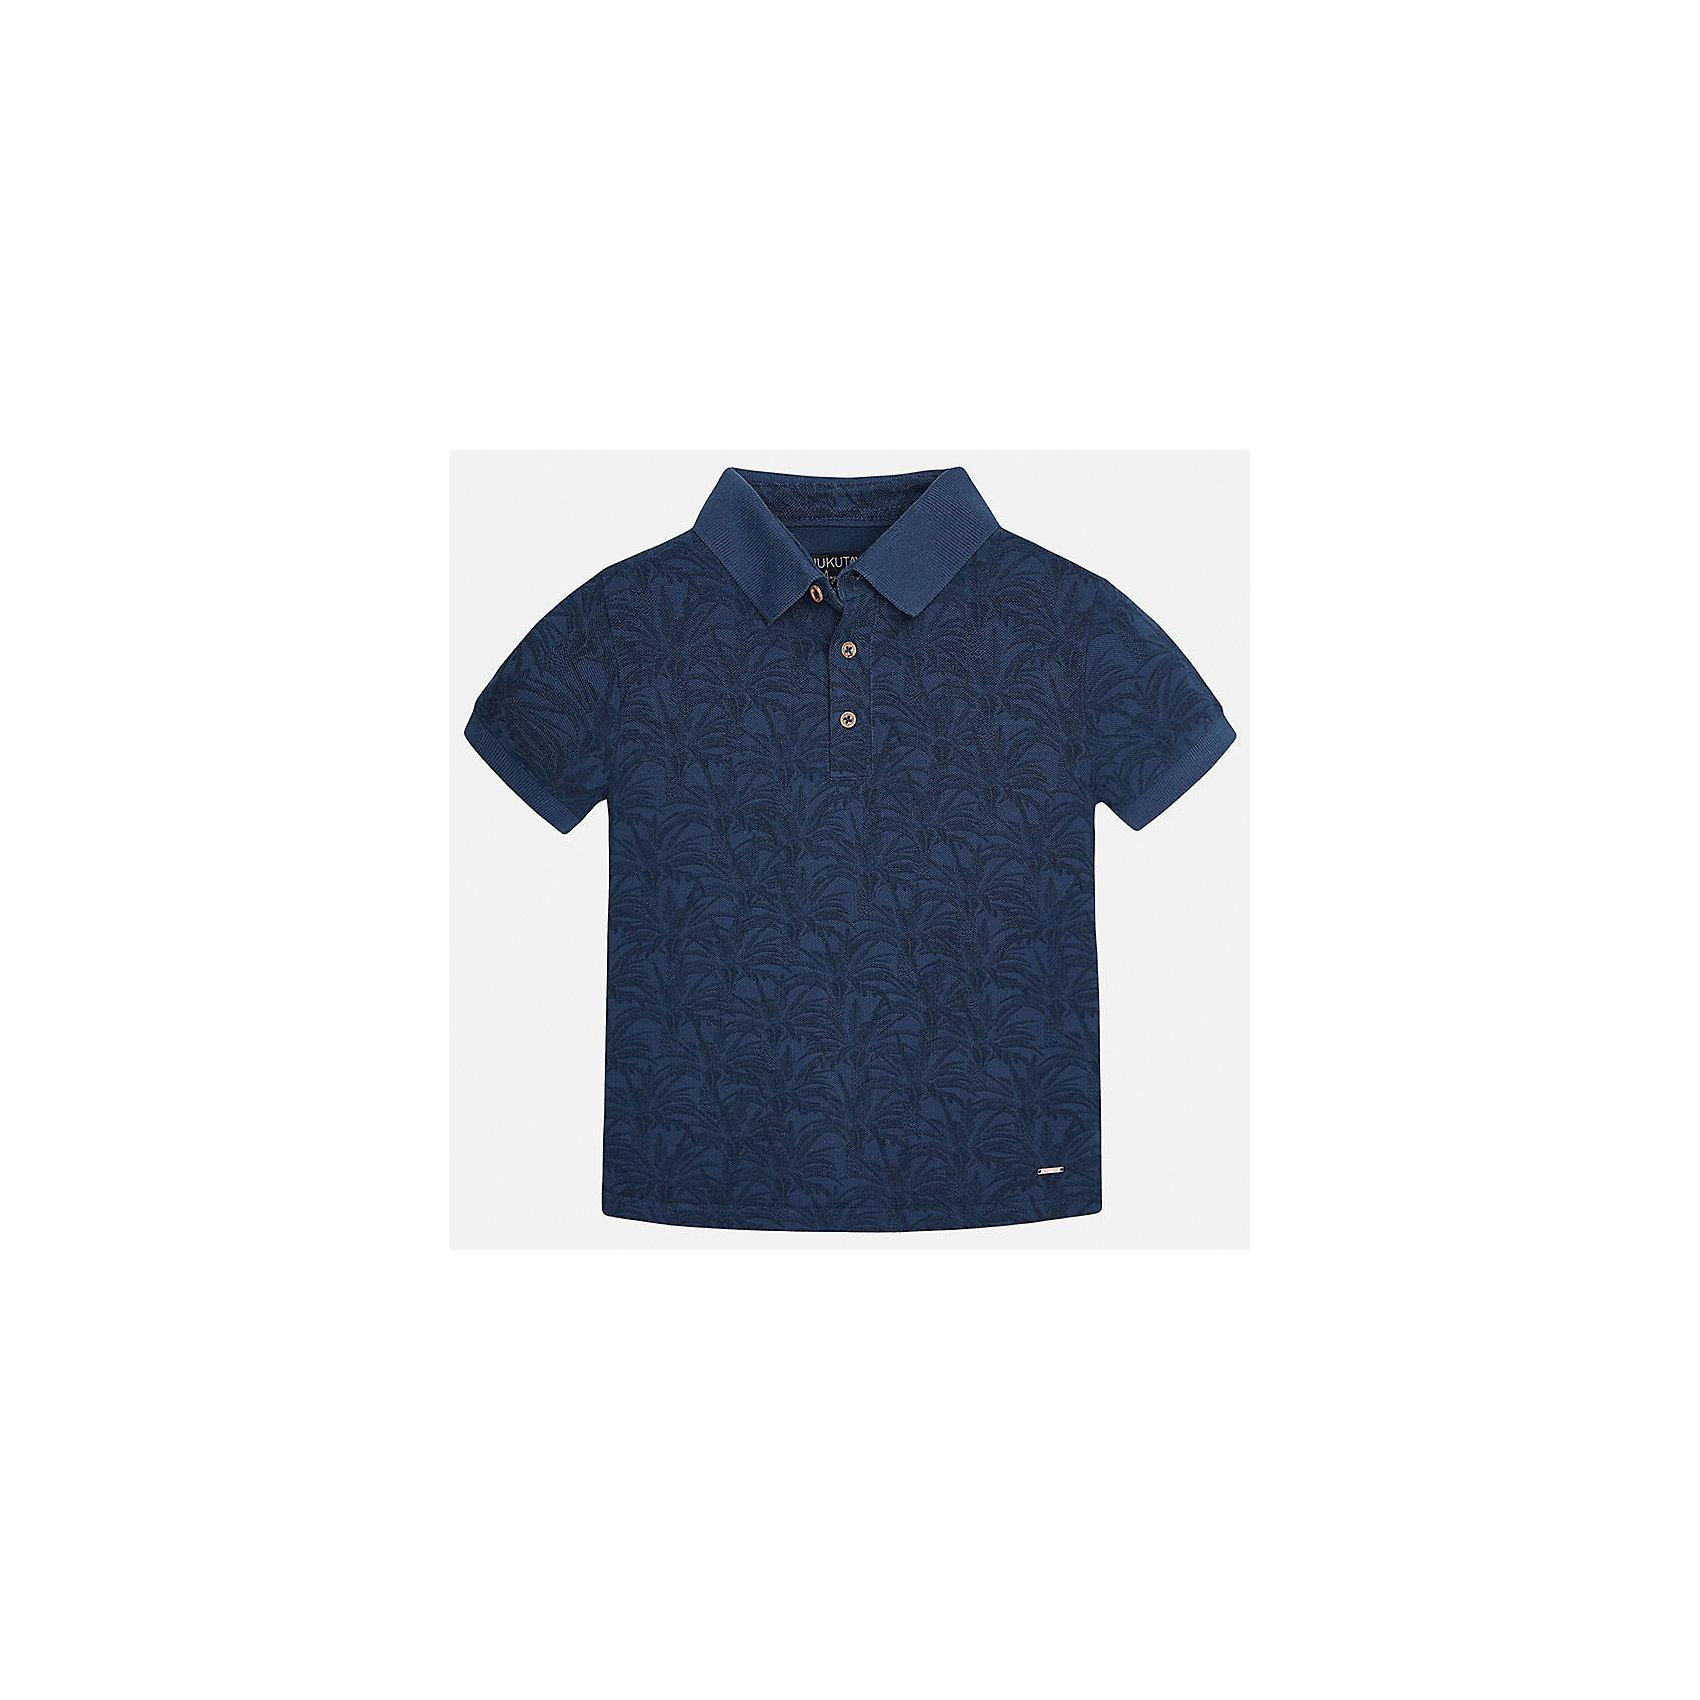 Рубашка-поло для мальчика MayoralХарактеристики товара:<br><br>• цвет: синий<br>• состав: 100% хлопок<br>• отложной воротник<br>• декорирована принтом<br>• короткие рукава<br>• застежки: пуговицы<br>• страна бренда: Испания<br><br>Модная футболка-поло поможет разнообразить гардероб мальчика. Она отлично сочетается с брюками, шортами, джинсами. Универсальный крой и цвет позволяет подобрать к вещи низ разных расцветок. Практичное и стильное изделие! Хорошо смотрится и комфортно сидит на детях. В составе материала - только натуральный хлопок, гипоаллергенный, приятный на ощупь, дышащий. <br><br>Одежда, обувь и аксессуары от испанского бренда Mayoral полюбились детям и взрослым по всему миру. Модели этой марки - стильные и удобные. Для их производства используются только безопасные, качественные материалы и фурнитура. Порадуйте ребенка модными и красивыми вещами от Mayoral! <br><br>Футболку-поло для мальчика от испанского бренда Mayoral (Майорал) можно купить в нашем интернет-магазине.<br><br>Ширина мм: 230<br>Глубина мм: 40<br>Высота мм: 220<br>Вес г: 250<br>Цвет: синий<br>Возраст от месяцев: 156<br>Возраст до месяцев: 168<br>Пол: Мужской<br>Возраст: Детский<br>Размер: 140,170,152,128/134,164,158<br>SKU: 5281531